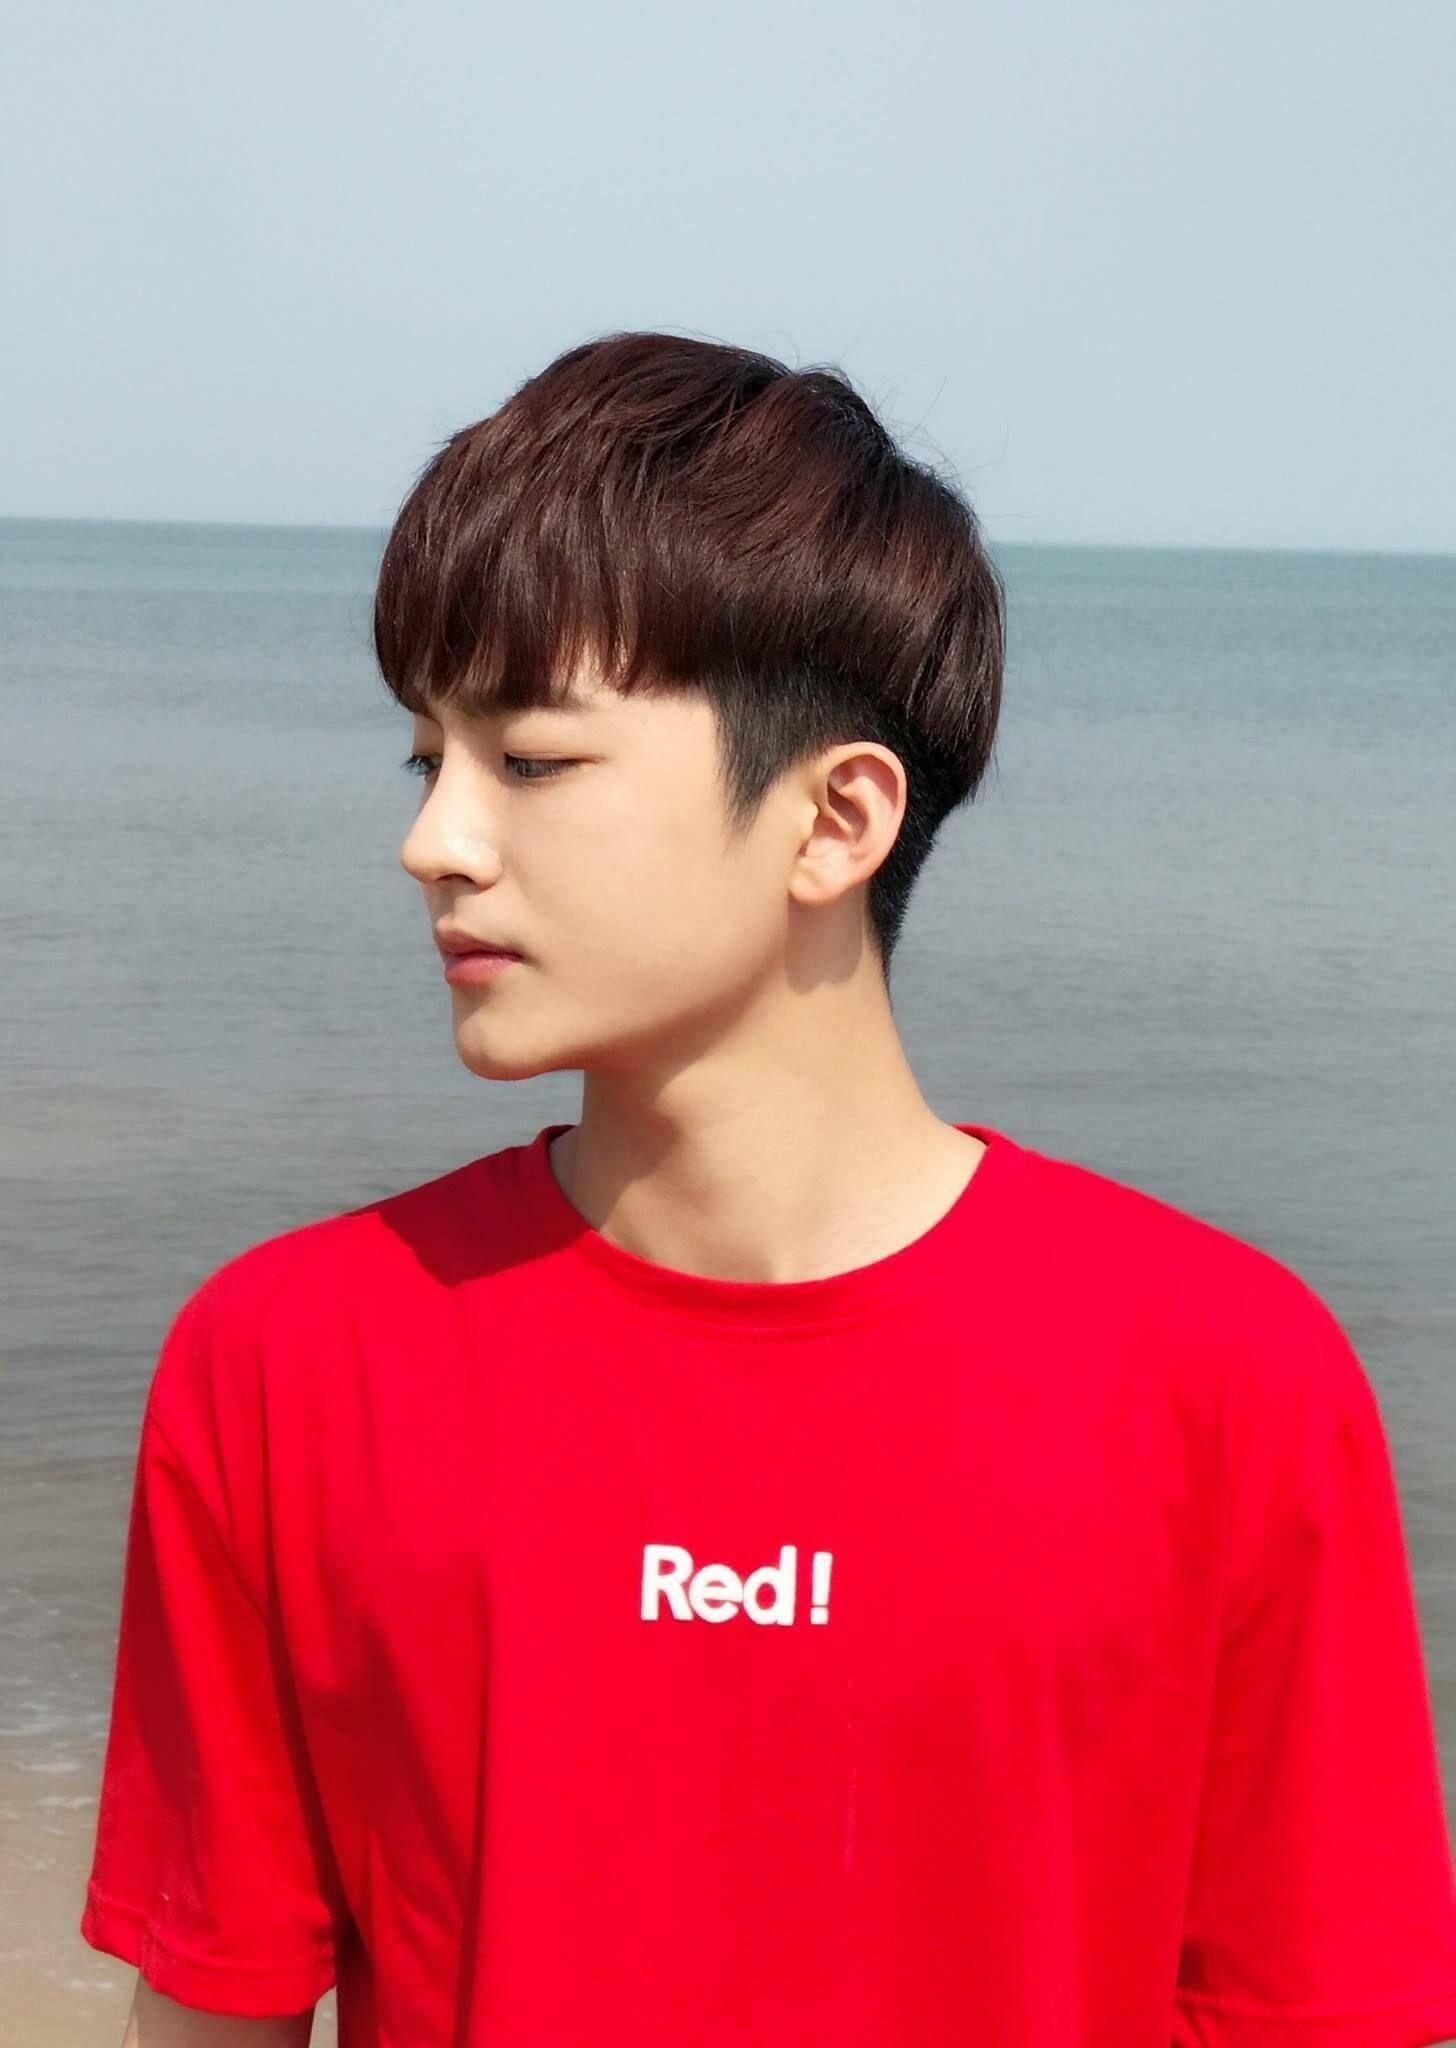 Pin By Jazmine Park On Hair Styles Asian Hair Korean Men Hairstyle Asian Men Hairstyle